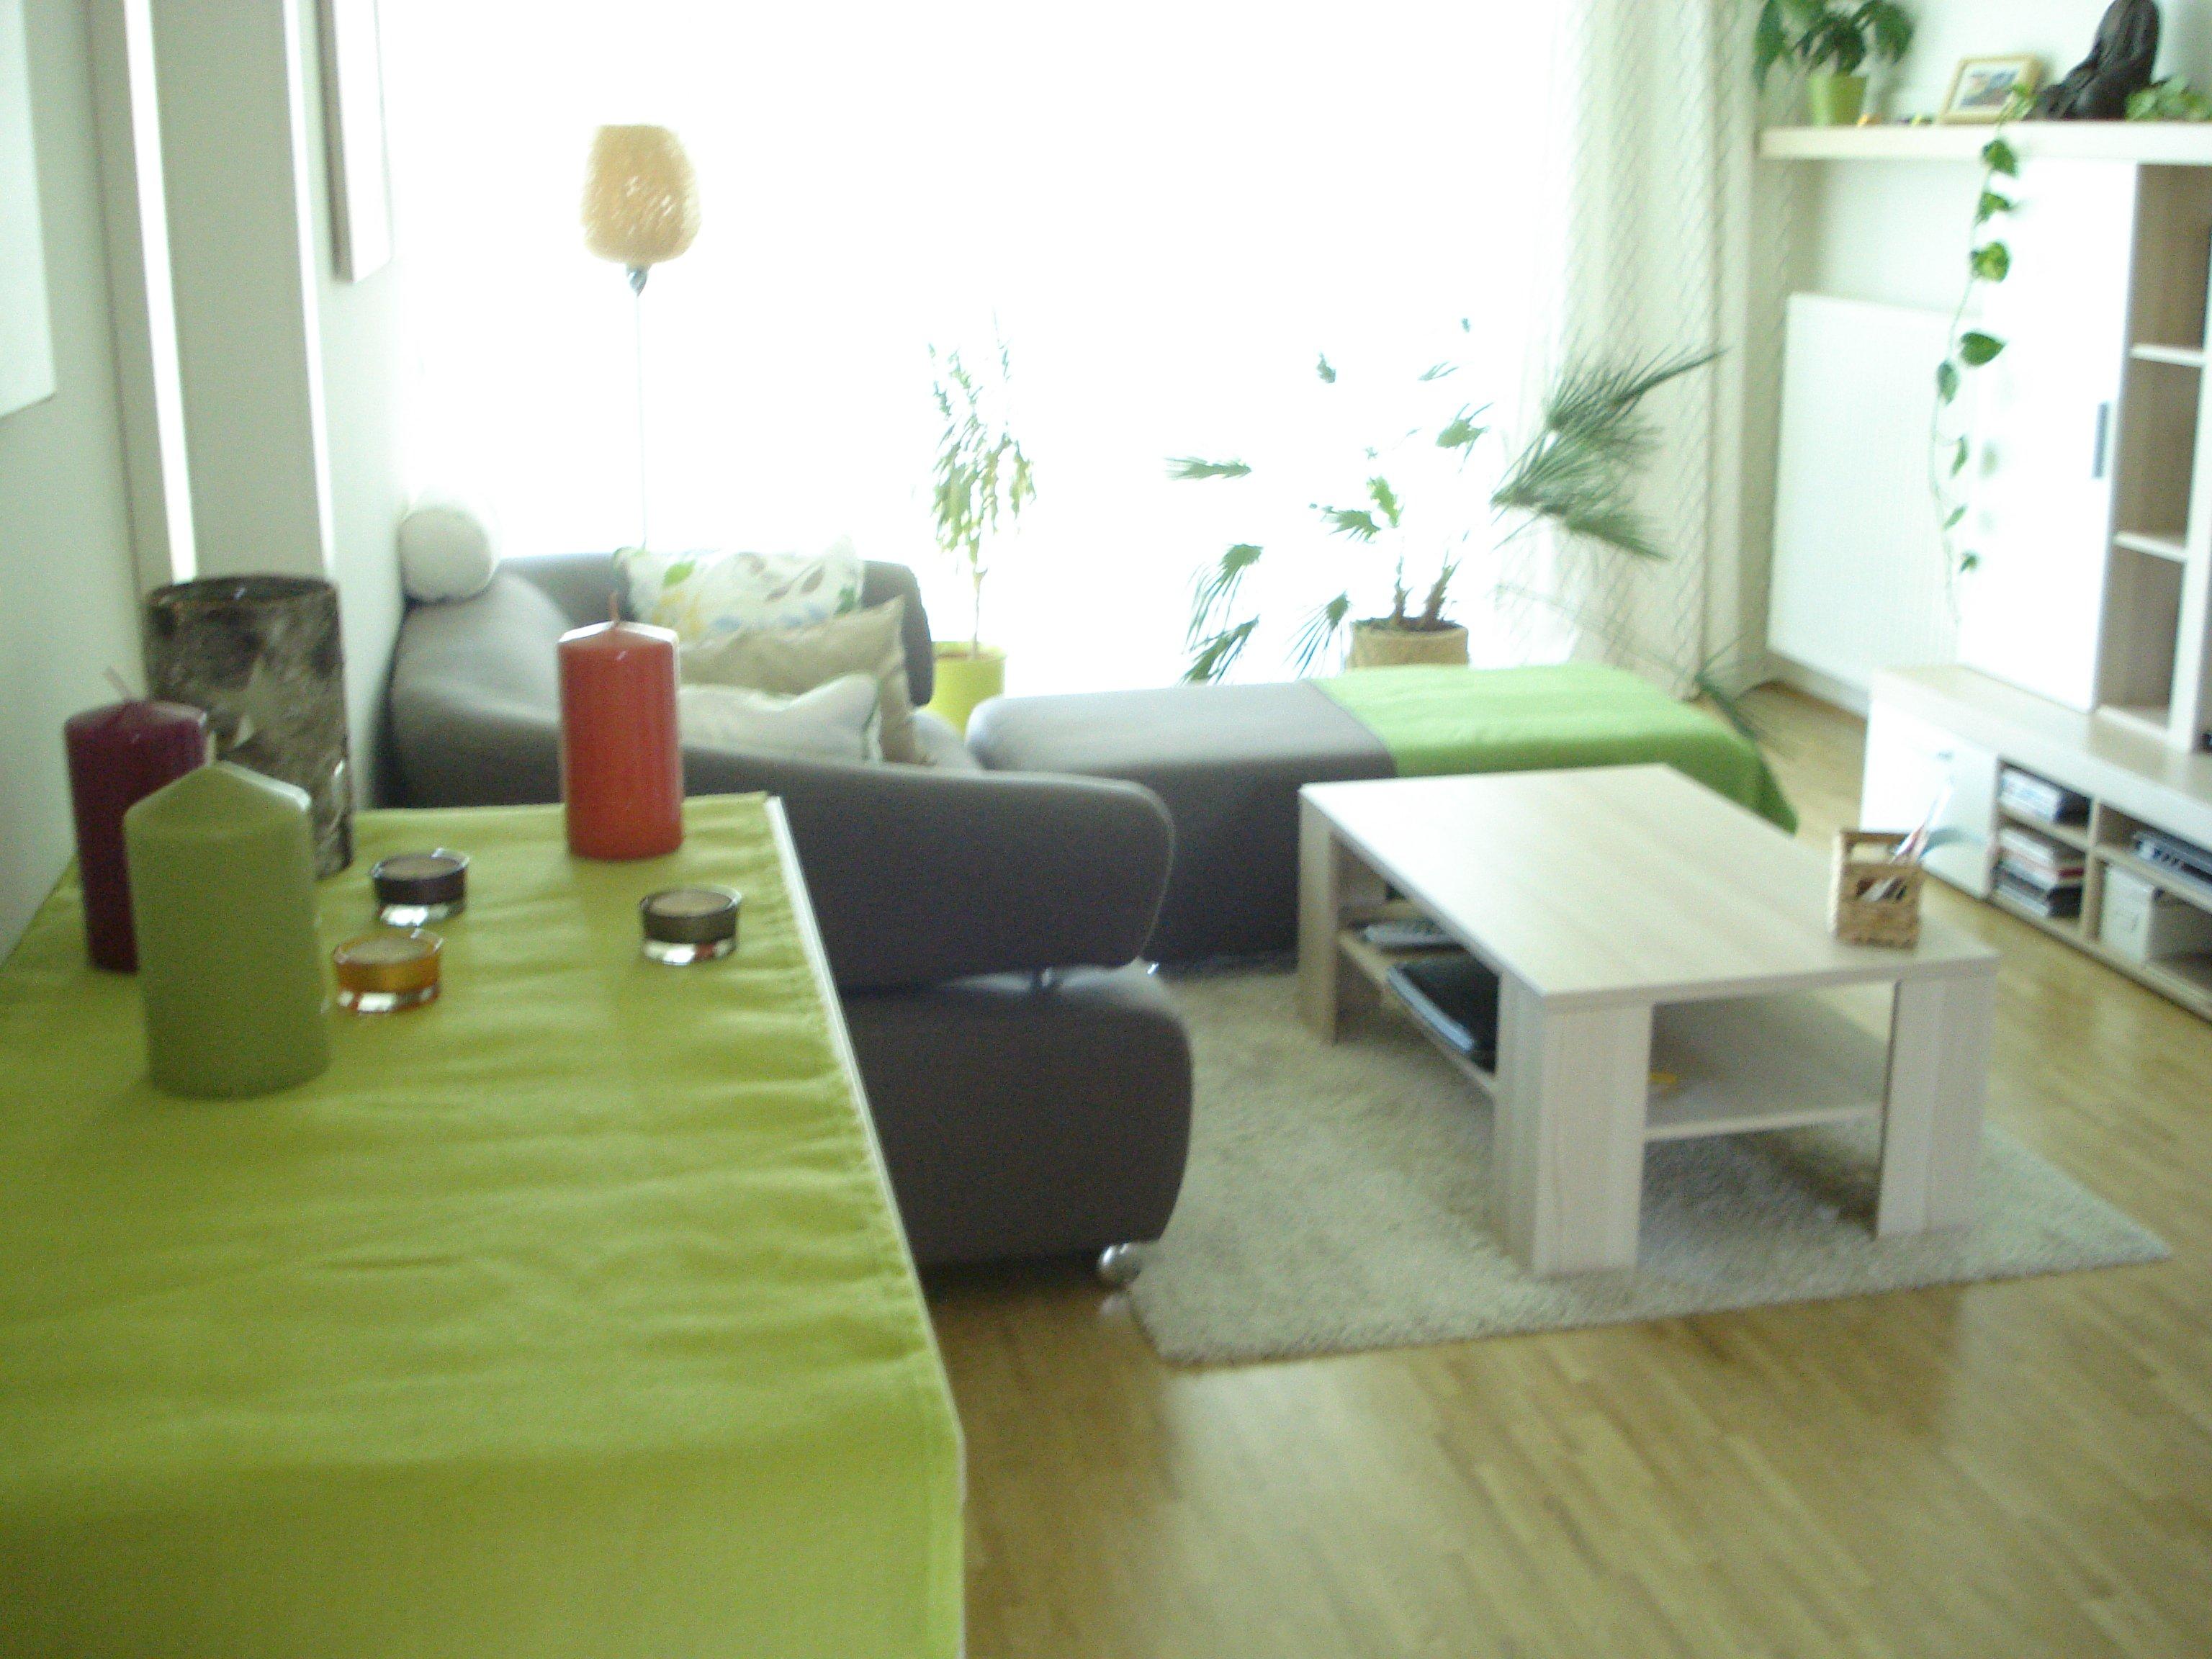 Wohnzimmer 39 mein wohnzimmer 39 meine villa kunterbunt for Mein wohnzimmer